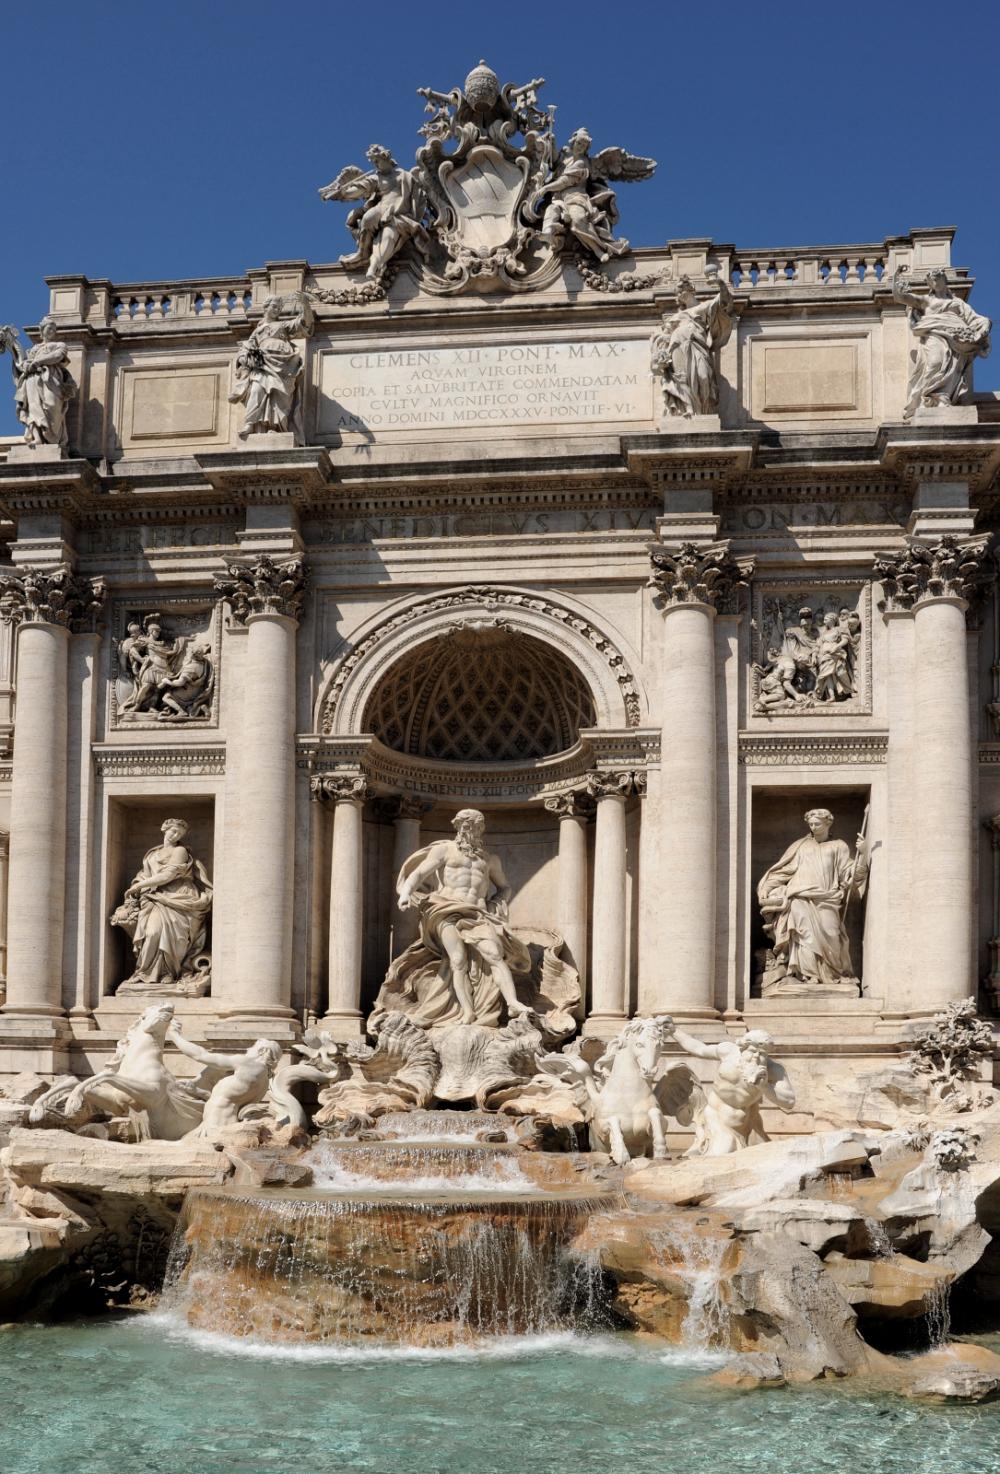 Roma - Fontanna di Trevi